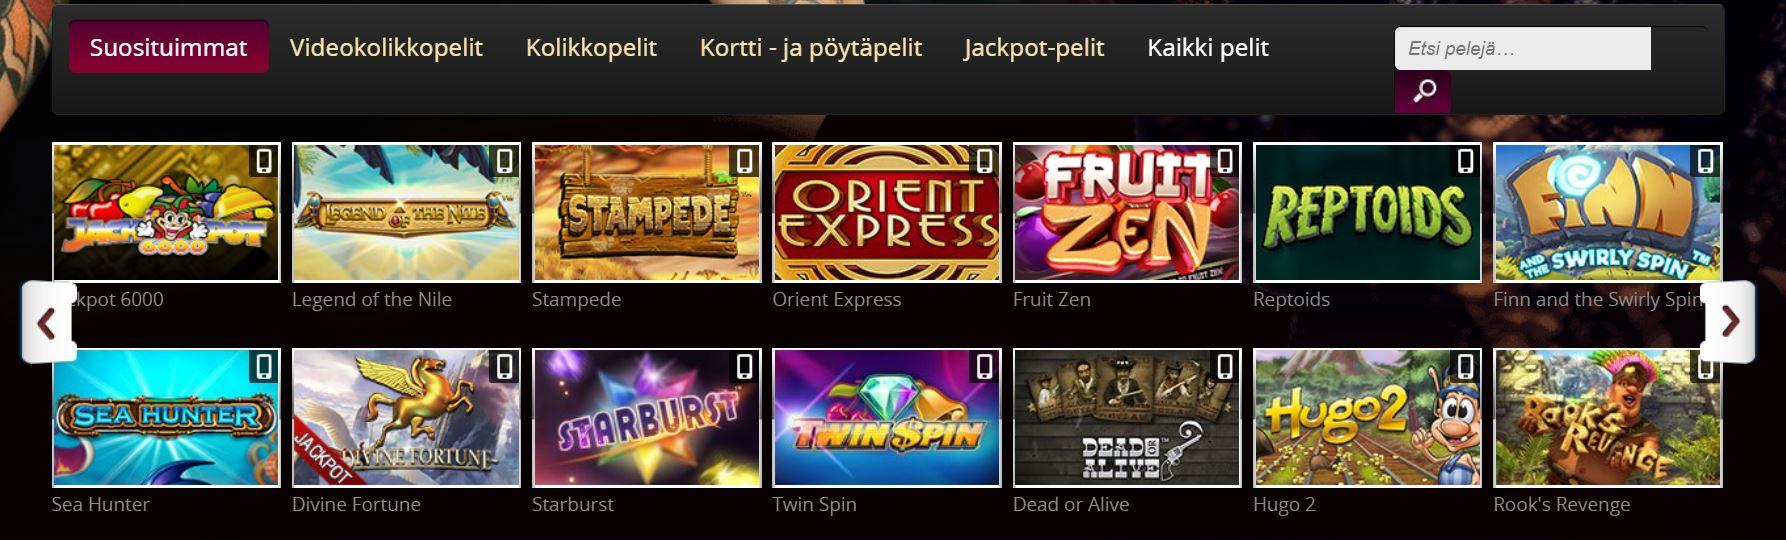 Vegas Casino kolikkopelit